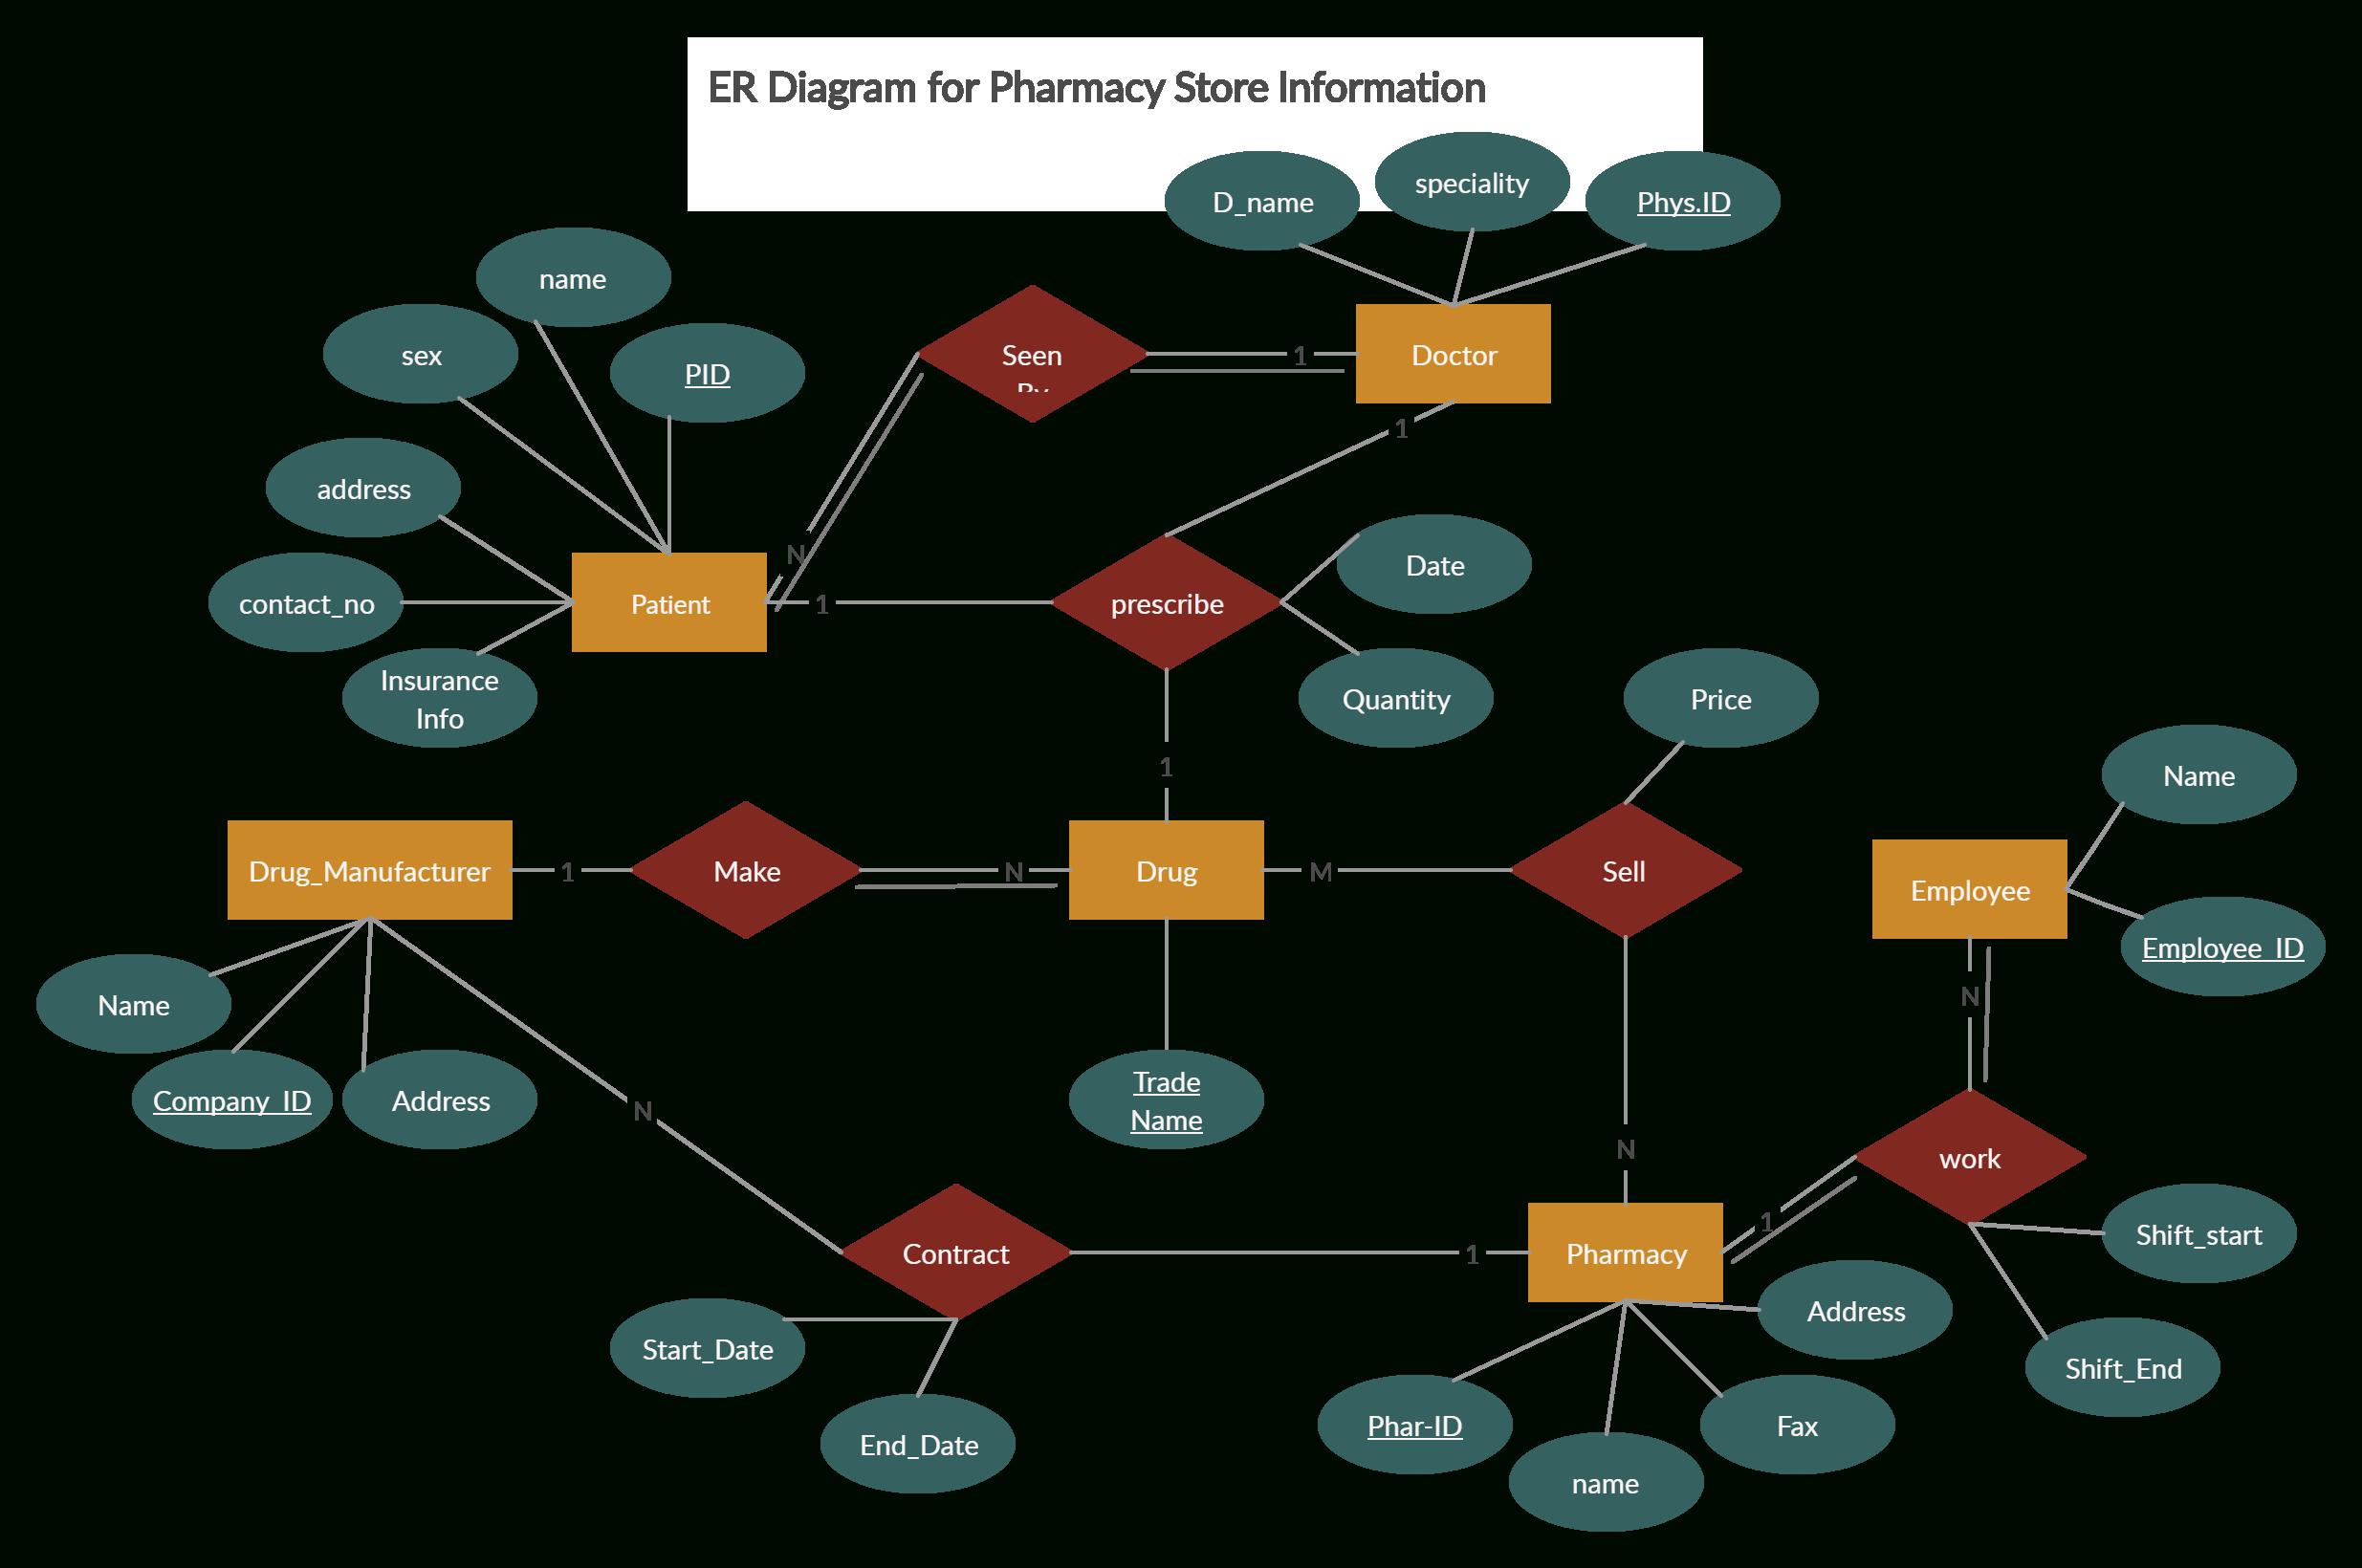 Er Diagram For Pharmacy | Relationship Diagram, Diagram